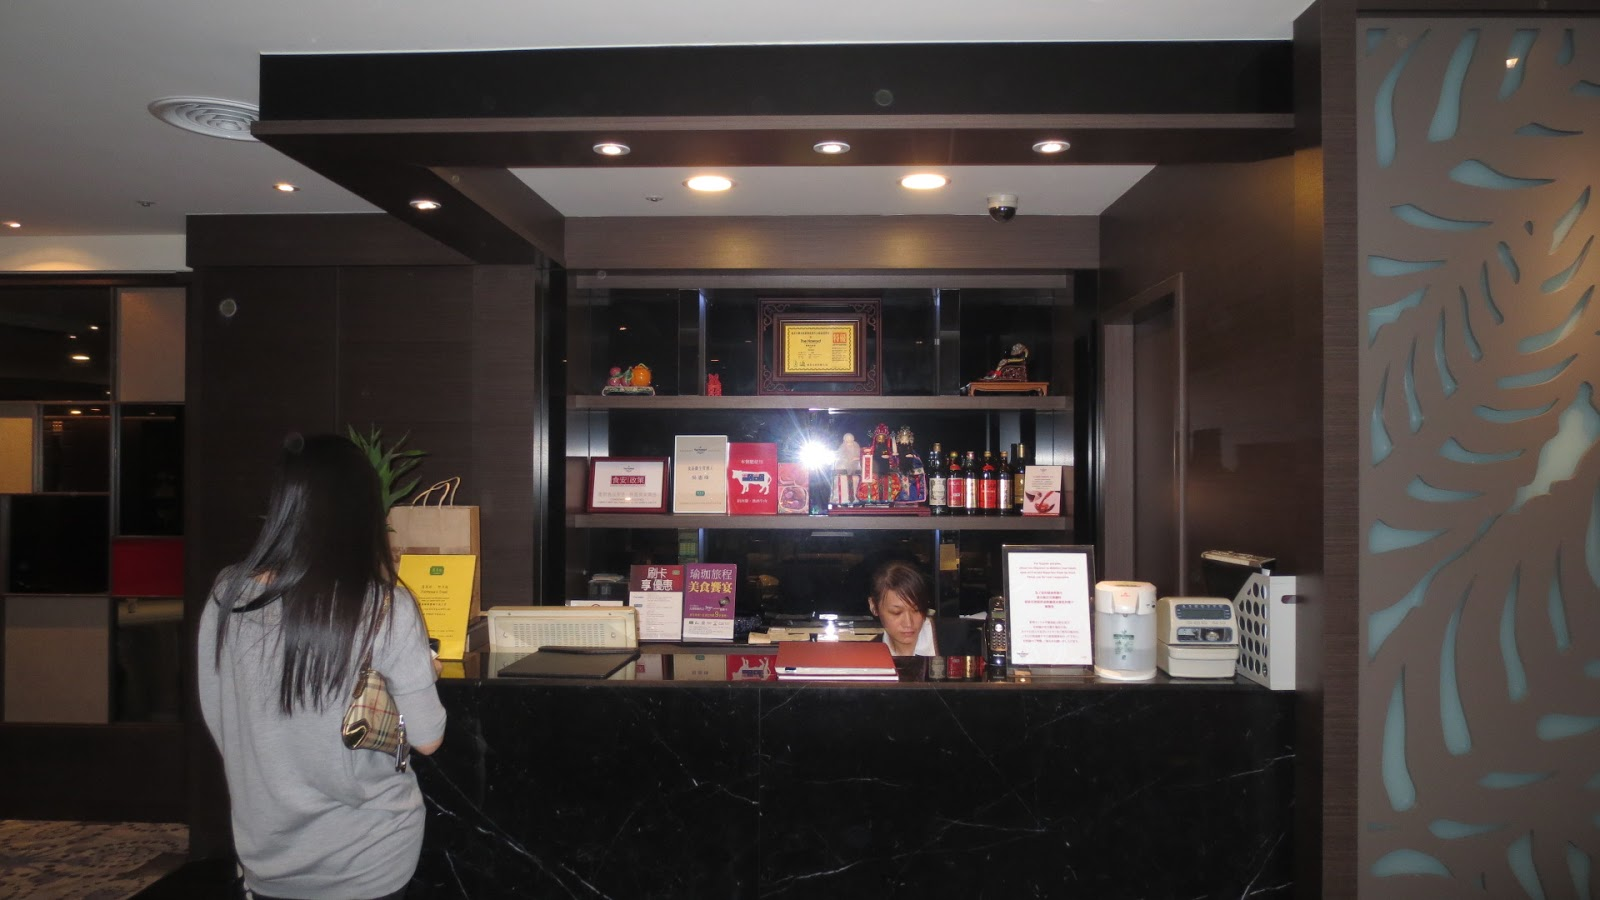 Formosa dining room menu